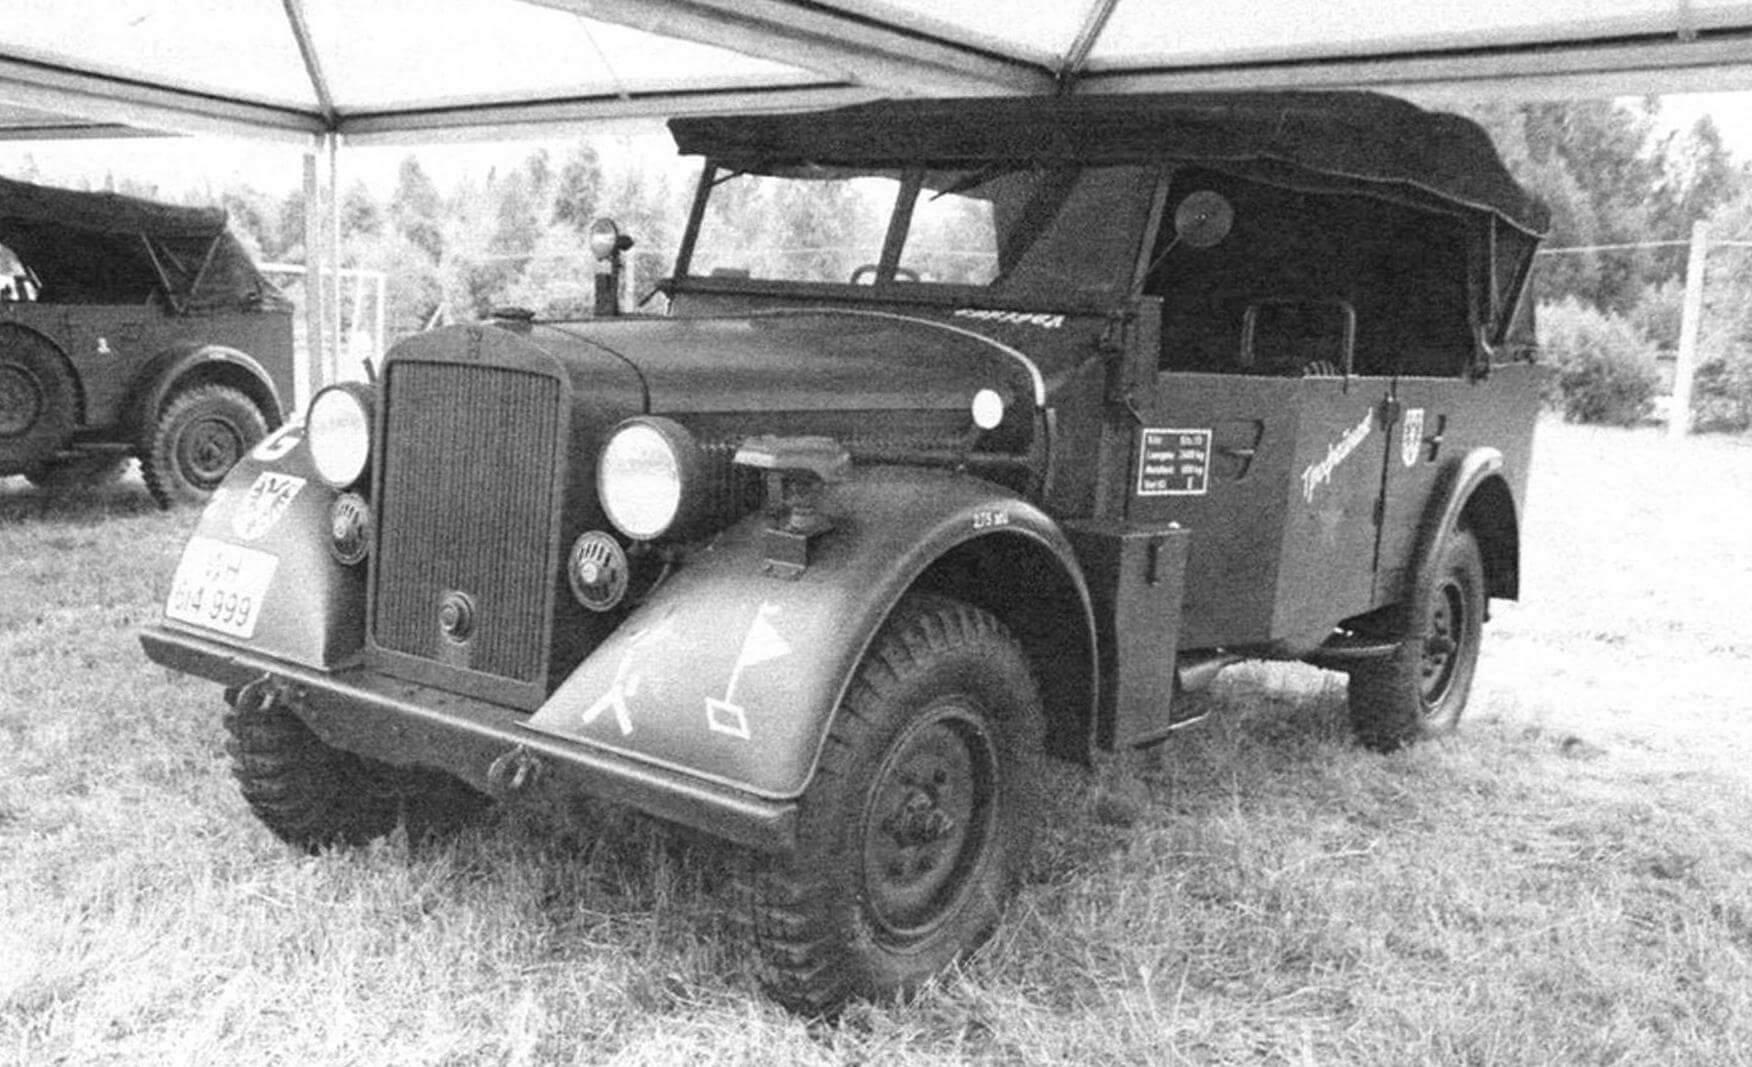 Значительное количество трофейных Horch 901 использовалось в Красной Армии